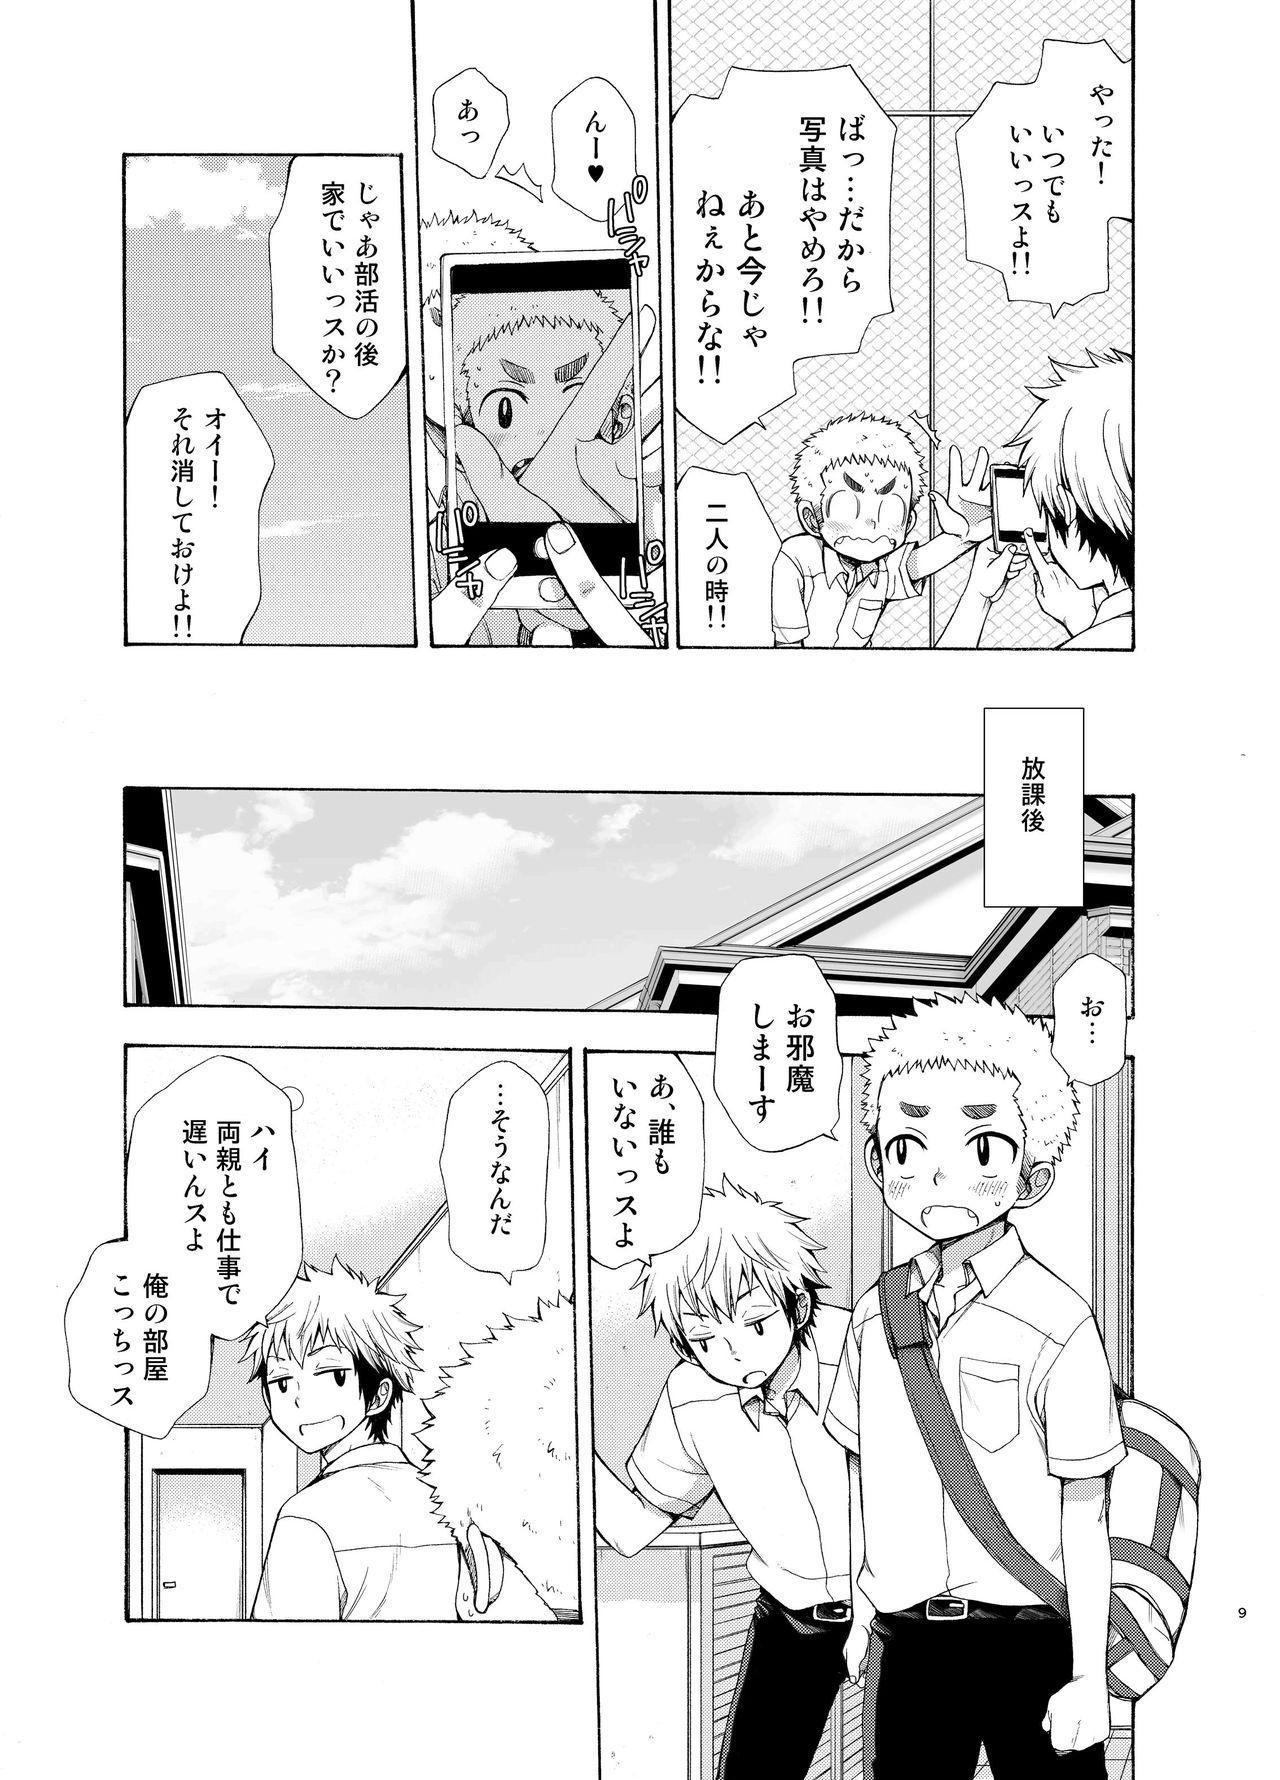 Yuuwaku ni Yowai Ore no Senpai 8